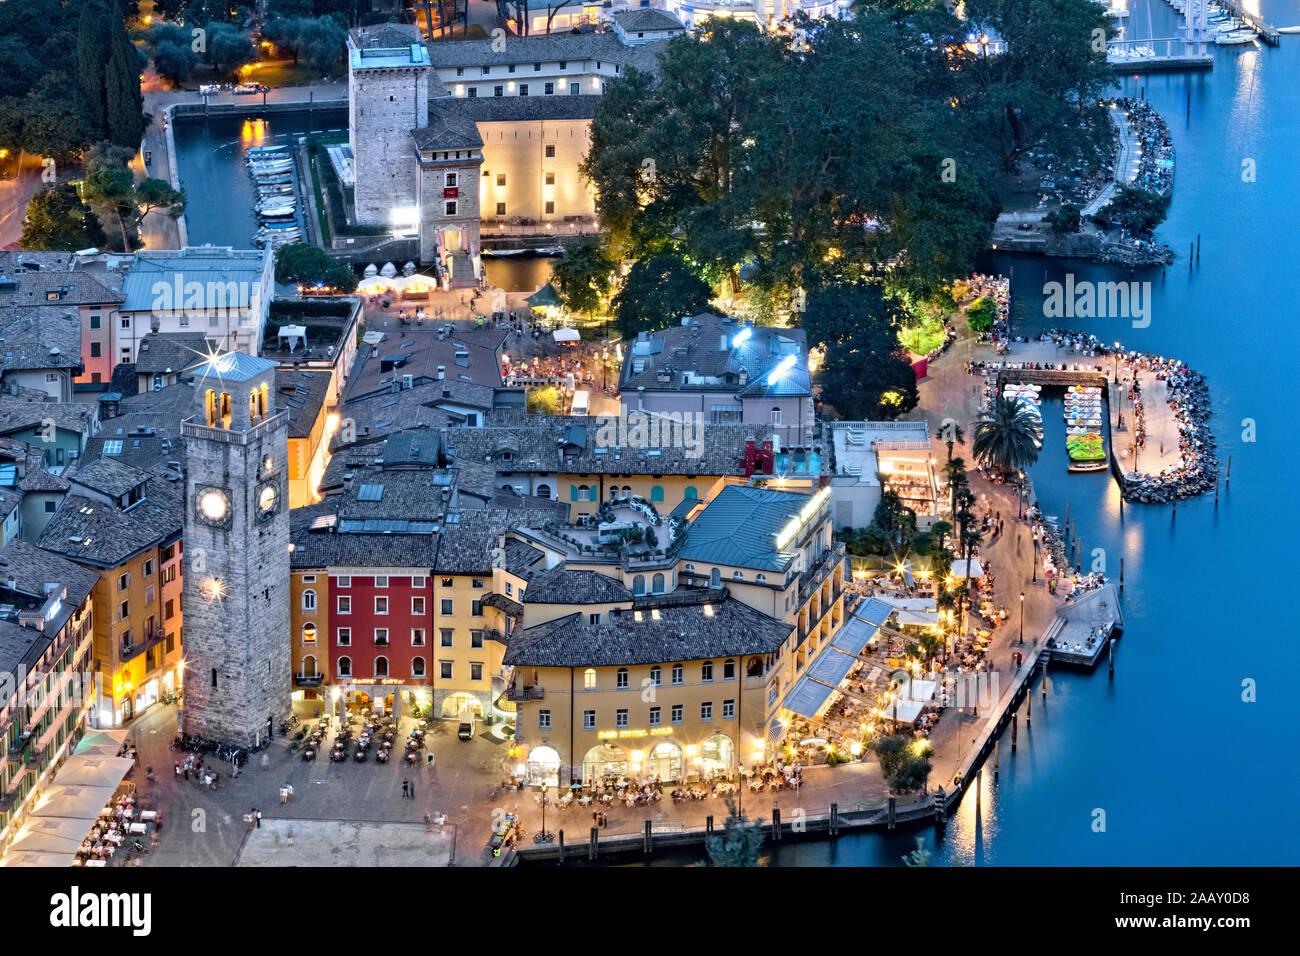 Sul lago di Riva del Garda: La Torre Apponale e la Rocca (sede del Museo MAG - Alto Garda). Provincia Di Trento, Trentino Alto Adige, Italia. Foto Stock